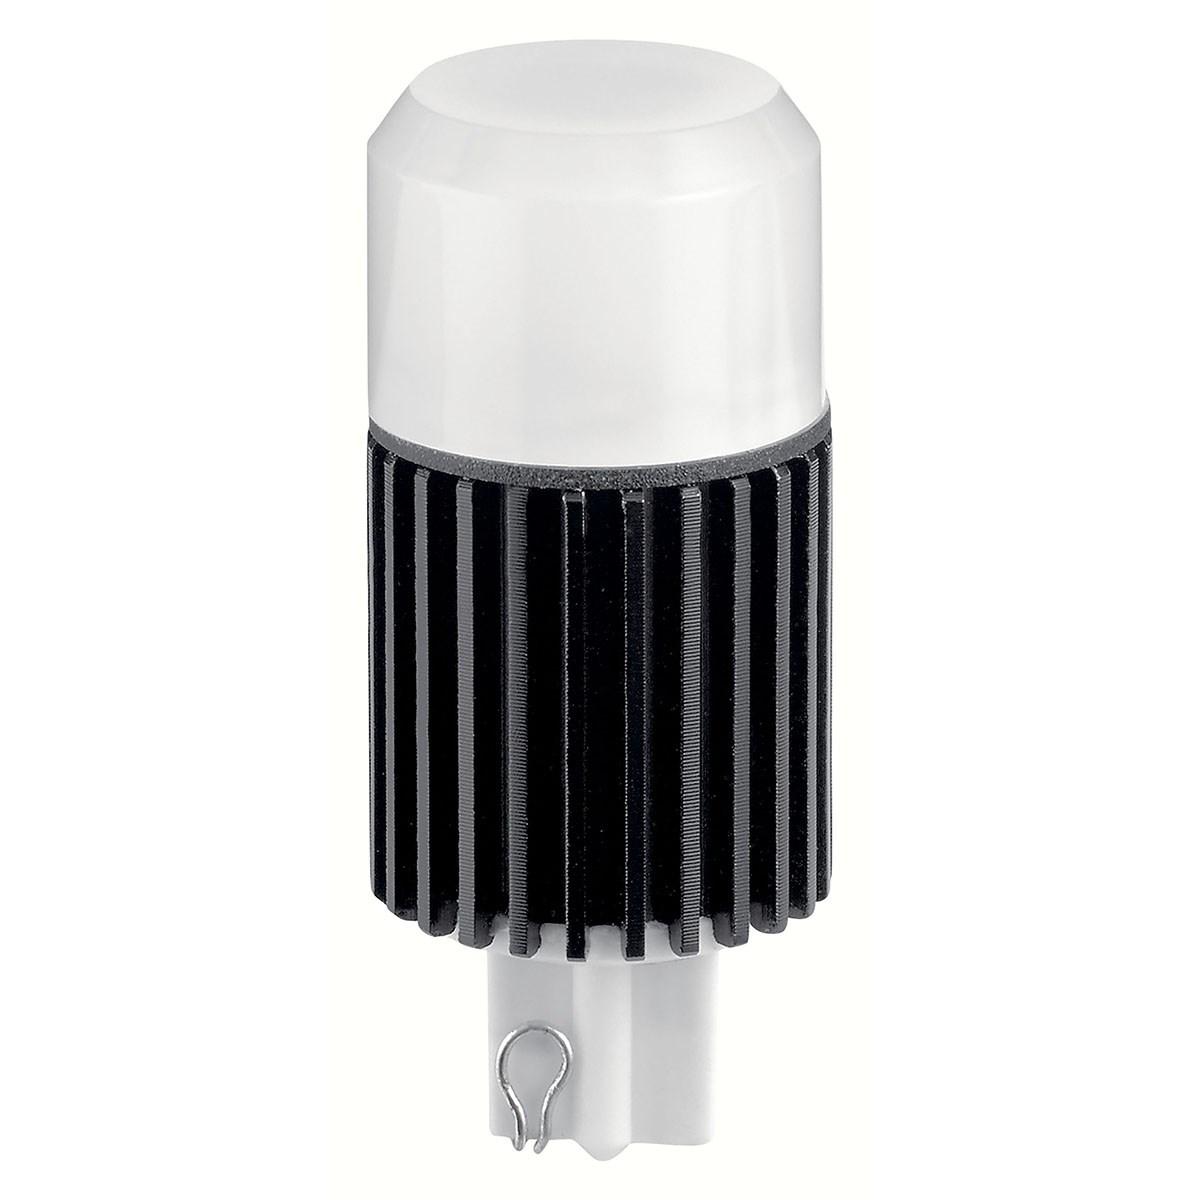 Cool White Kichler 18050 Energy Efficient 7W 120V 25-Degree Wide 4200K Medium Base PAR20 LED Bulb